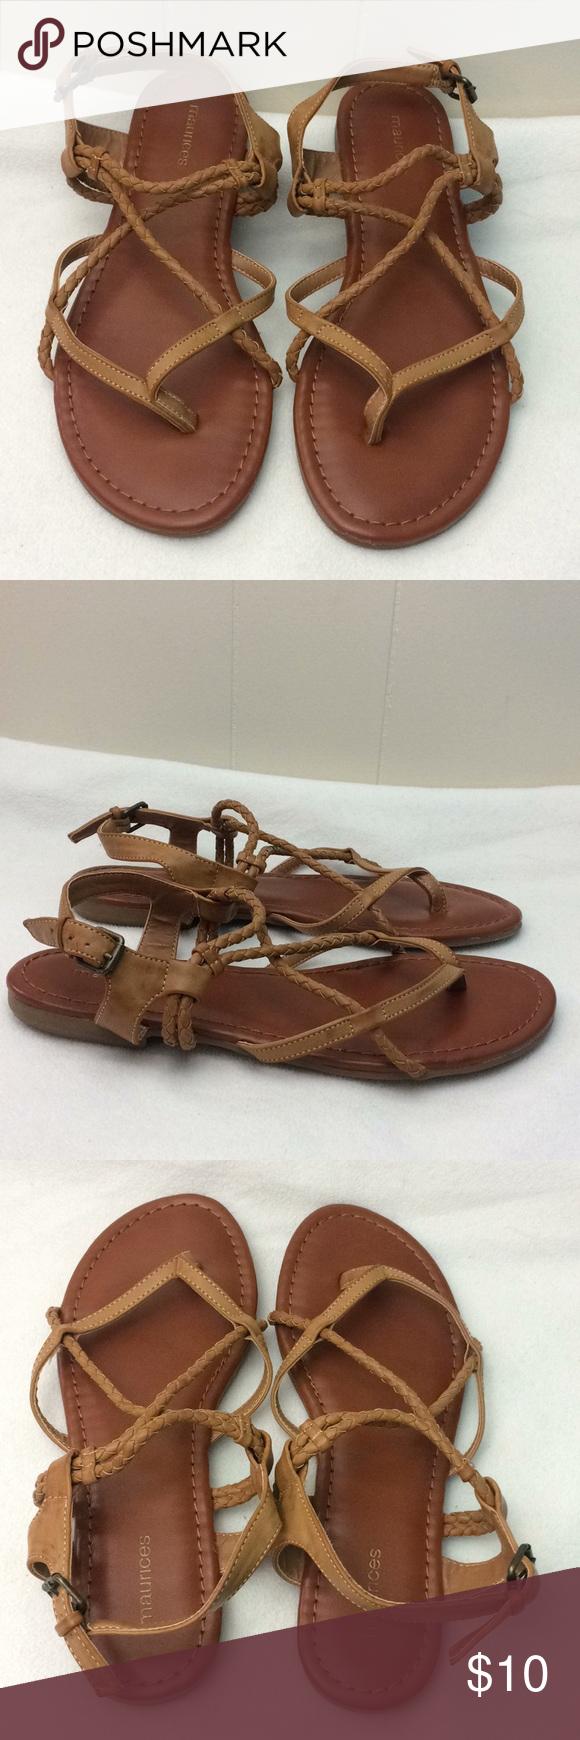 """3f7e70bcf188a6 Maurices """"Adalie"""" Braided Strap Sandals Maurices """"Adalie"""" braided strap  sandals. All"""